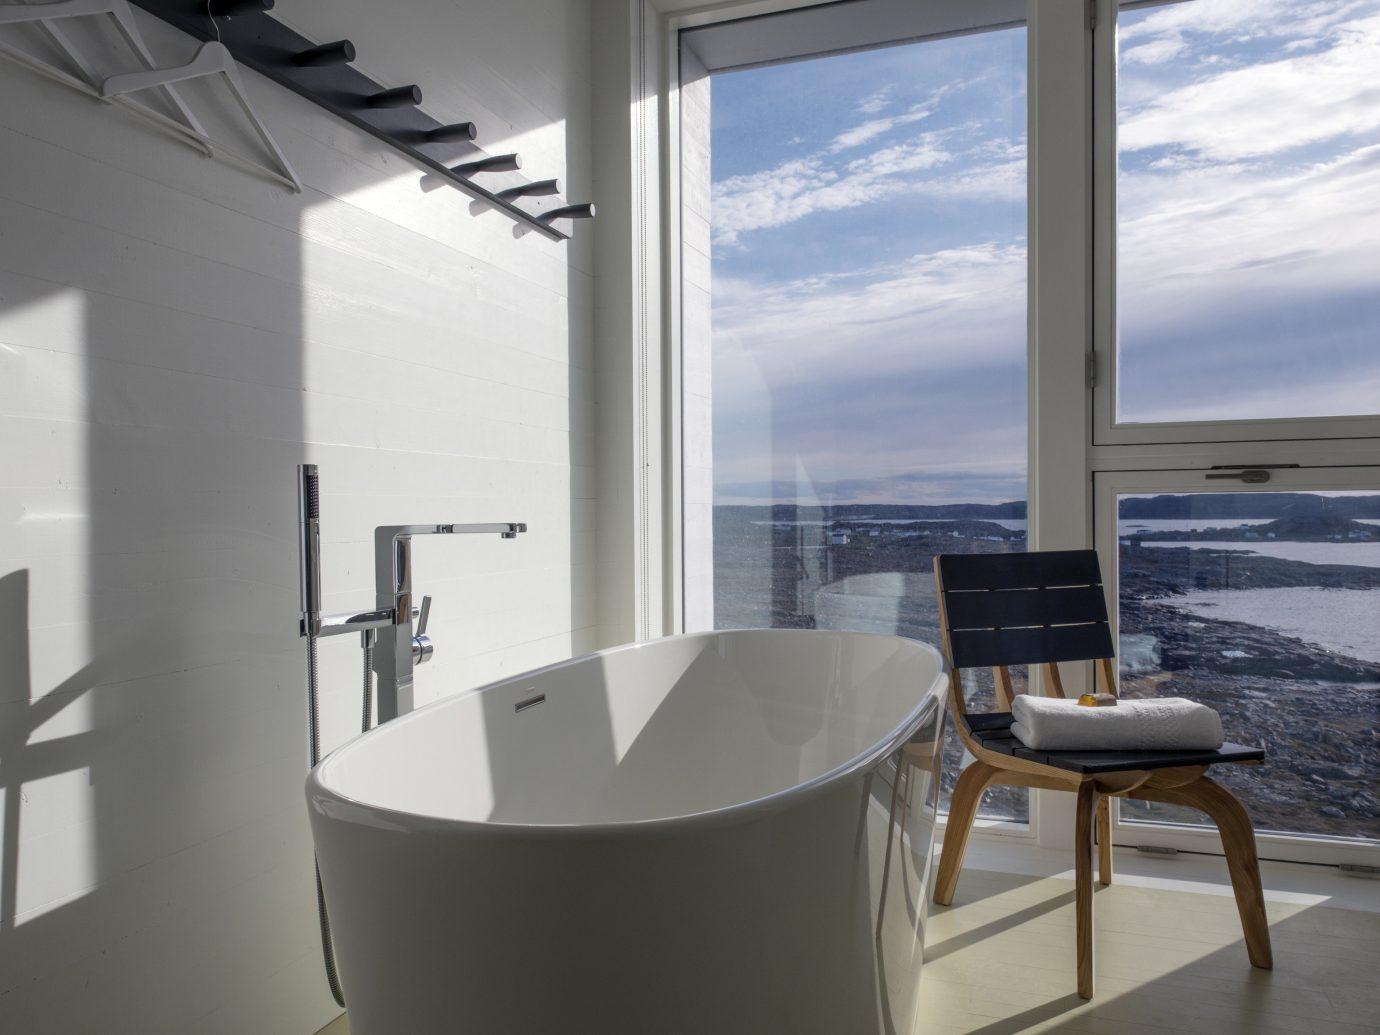 Hotels indoor window floor room property interior design home Design bidet apartment plumbing fixture